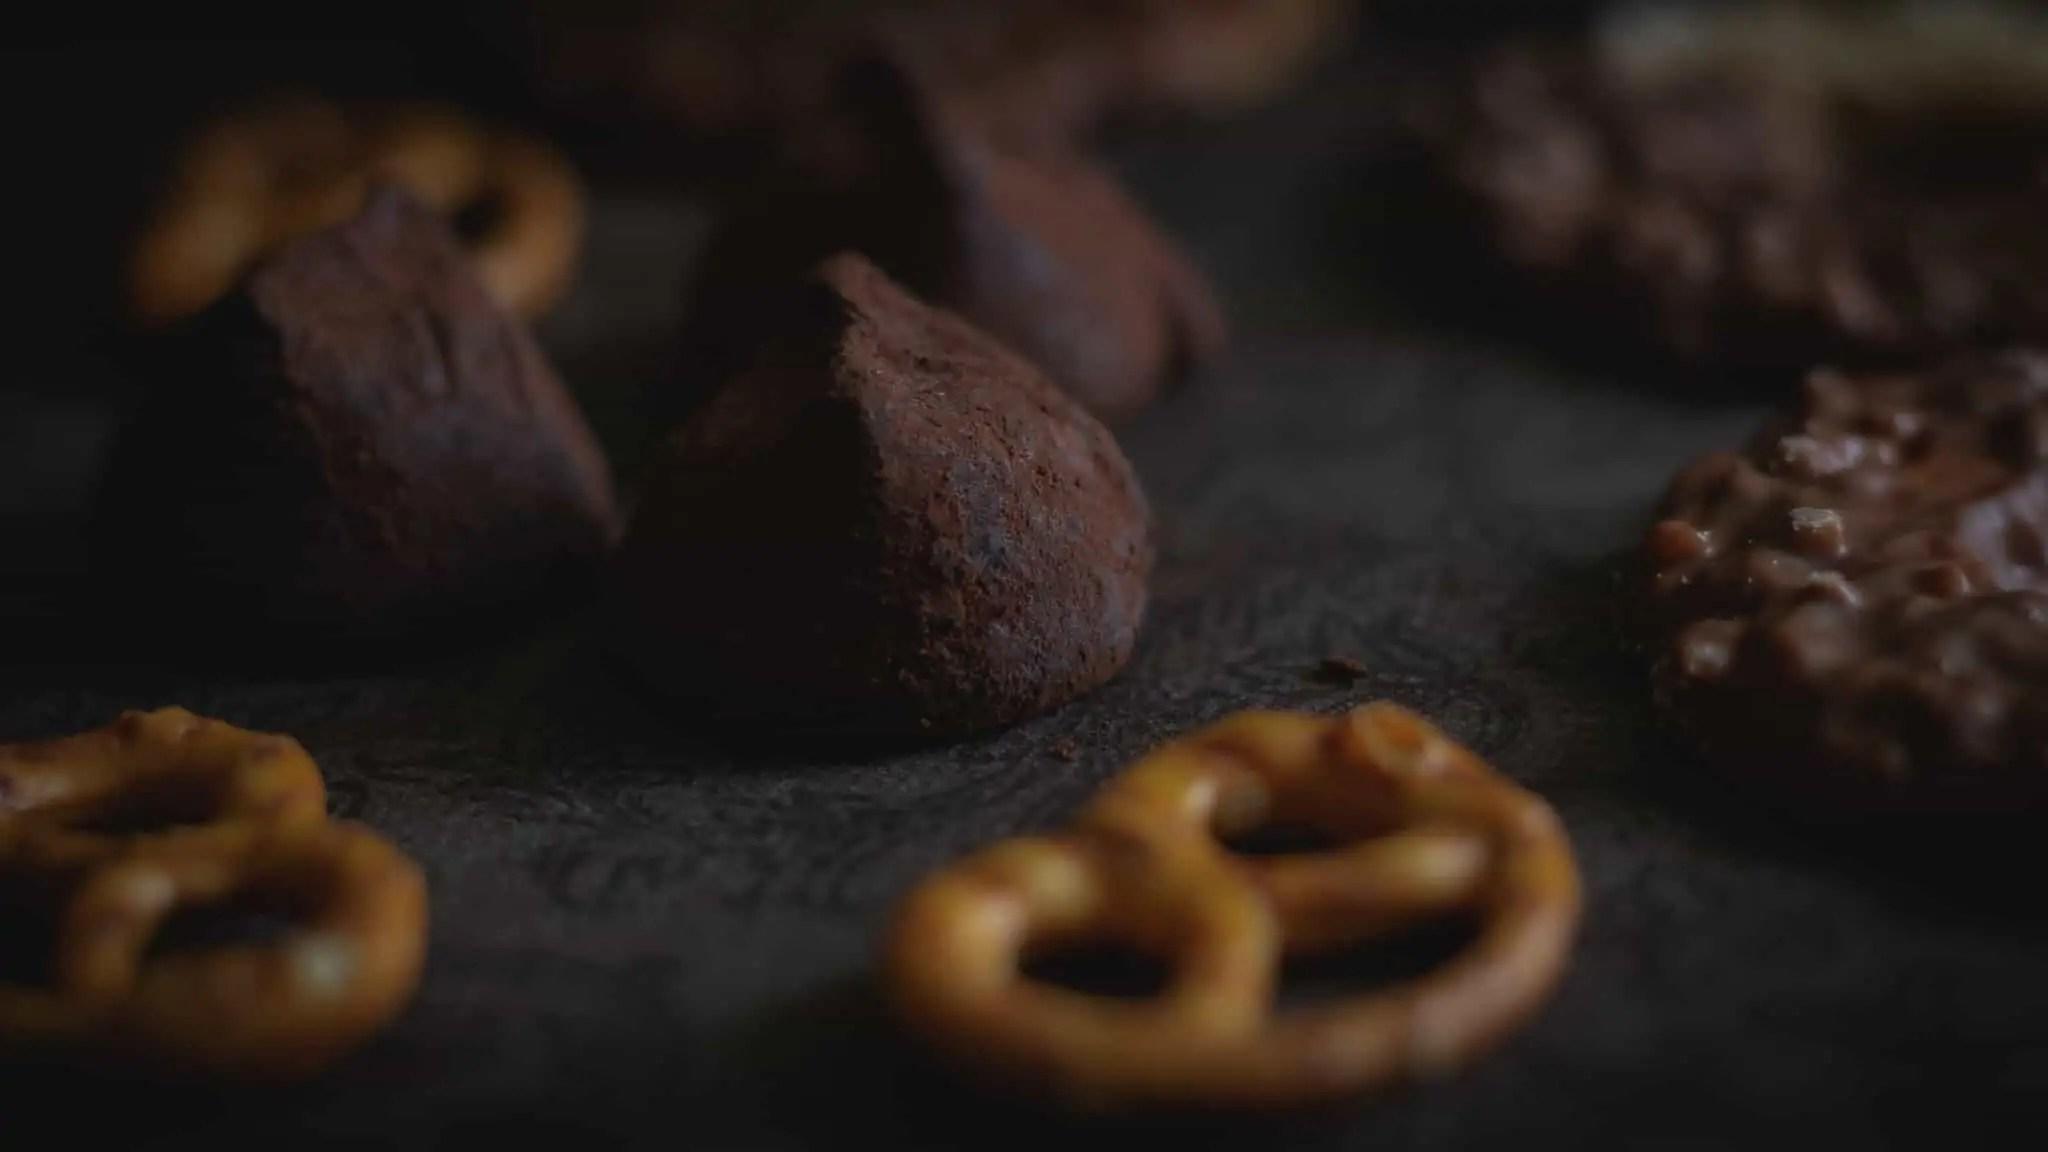 Czarna fotografia jedzenia czekolada precelki i ciastka 4 scaled - Czarna fotografia jedzenia